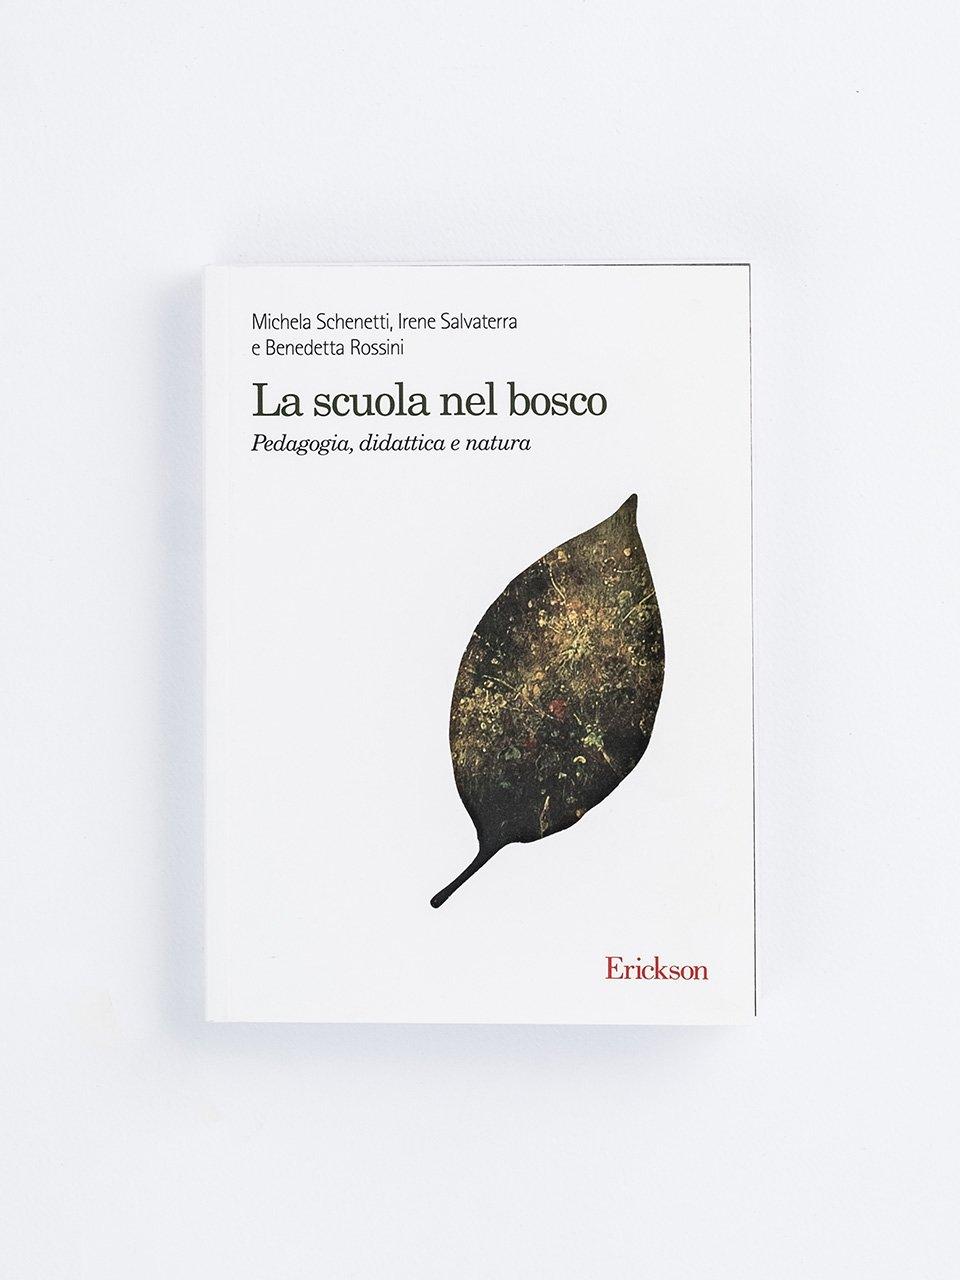 La scuola nel bosco - Libri - Erickson